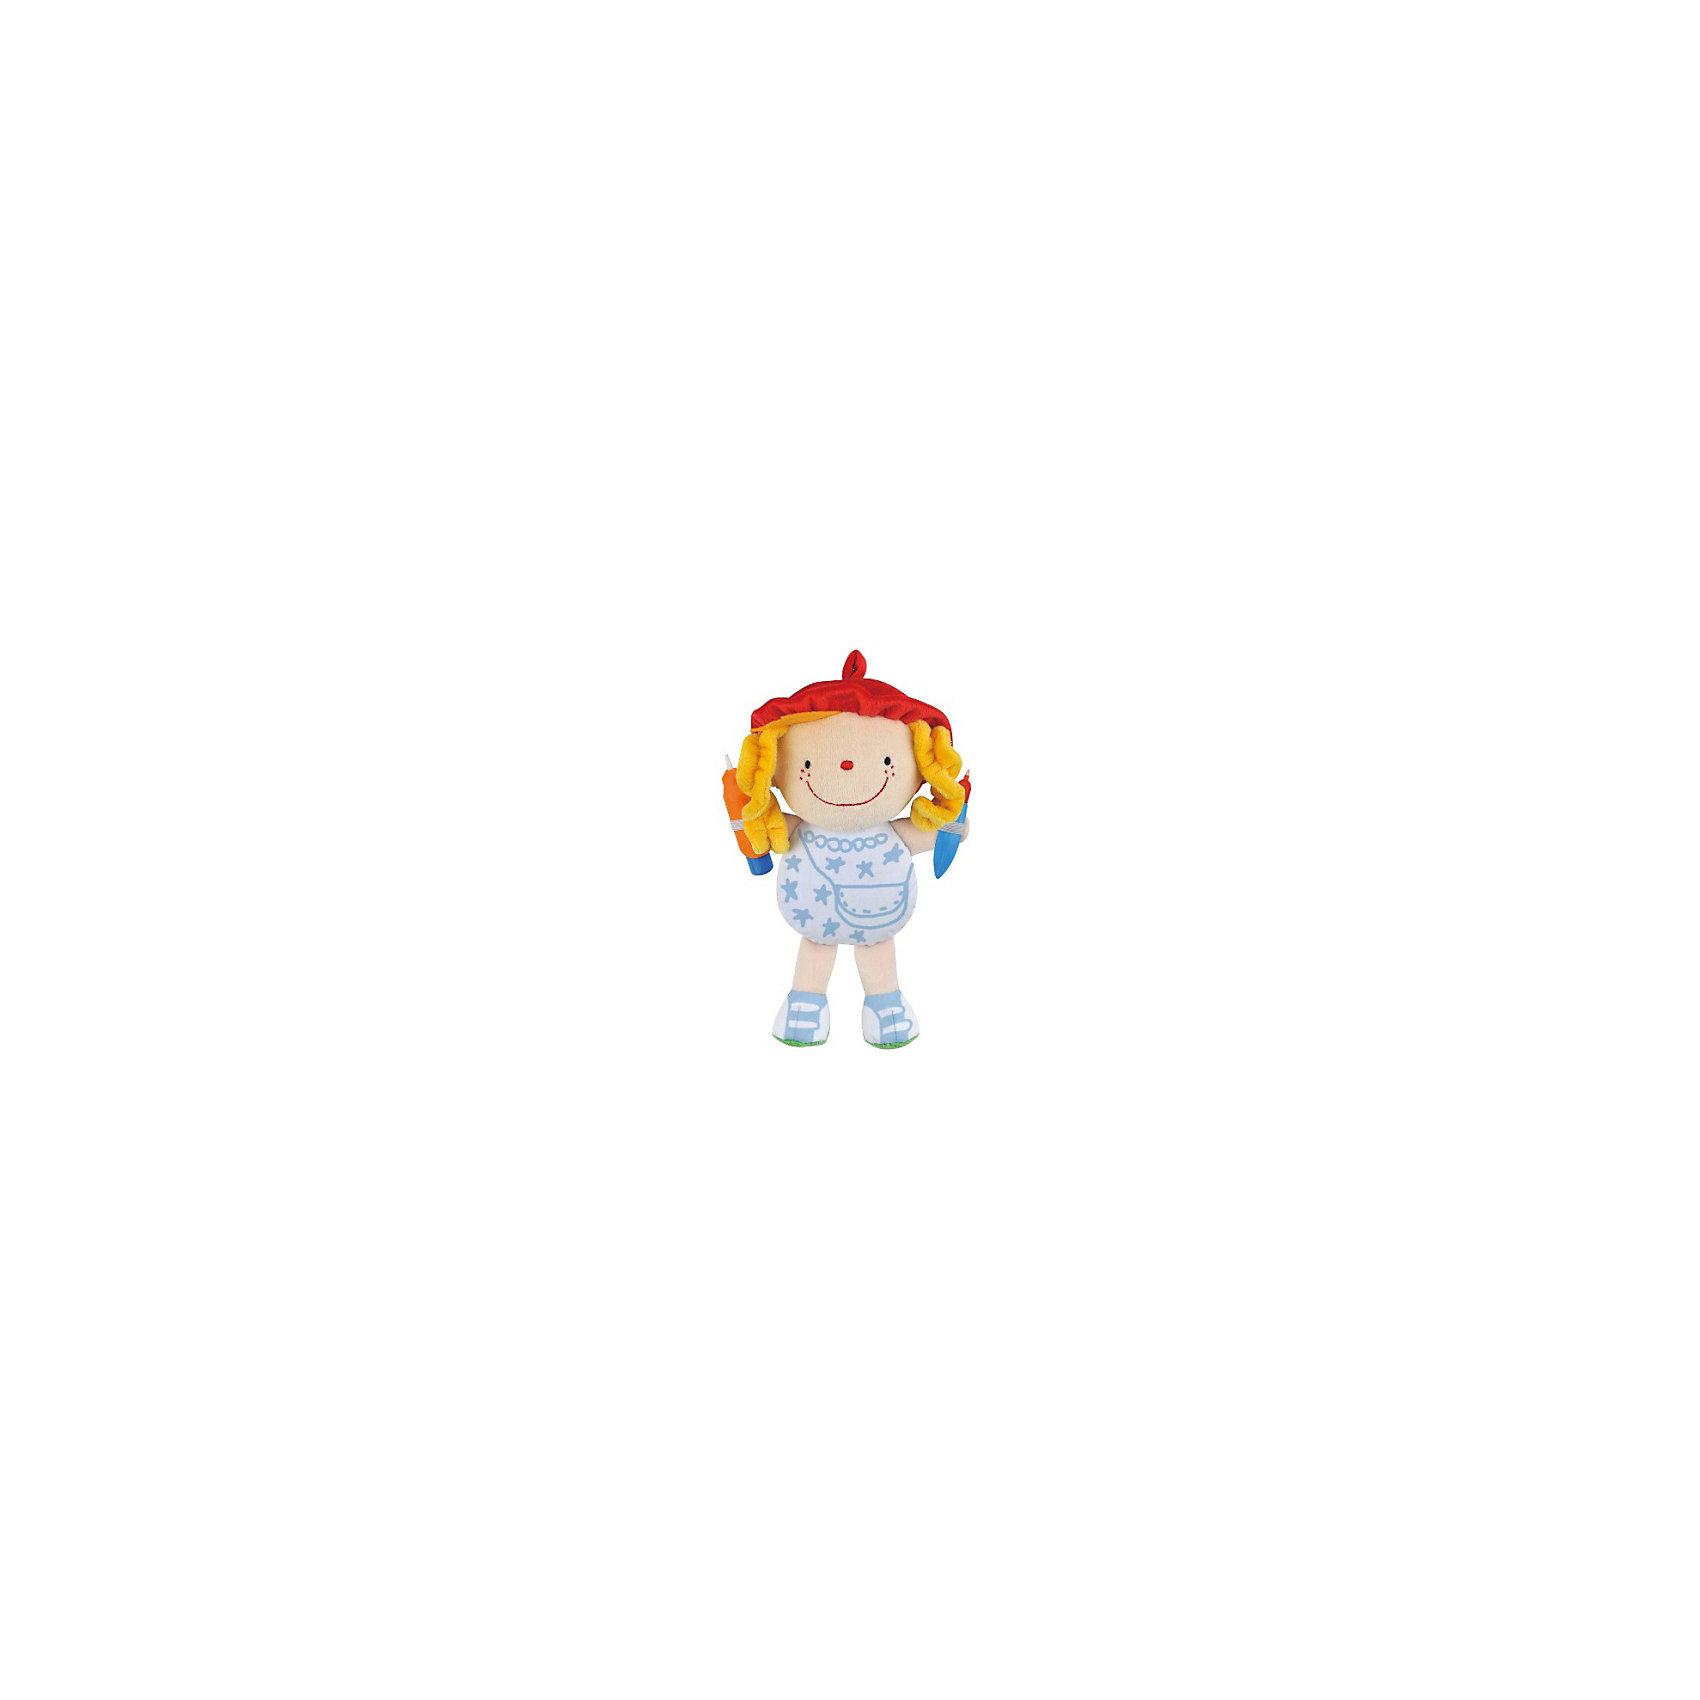 Джулия Что носить, Ks KidsДжулия Что носить, Ks Kids (Кс Кидс) ? уникальная кукла от всемирно известного производителя детских игрушек. Ждулия ? это мягкая текстильная кукла в образе забавной девочки, которую нужно одеть. Но одежда у нее совершенно особенная ? ее нужно нарисовать.<br>Туловище и ботиночки куклы выполнены из специального материала, на котором можно рисовать водными фломастерами, которые идут в комплекте. Для начала рисования, фломастеры необходимо наполнить водой. После этого можно приступать к творческому процессу. После высыхания рисунок исчезает и творческий процесс можно начинать заново.<br>Джулия Что носить, Ks Kids (Кс Кидс) ? это игра, в которой любой ребенок может почувствовать себя в роли дизайнера одежды.<br>Игра Джулия Что носить, Ks Kids будет способствовать развитию художественных способностей, воображения, а также научит усидчивости и терпению.<br><br>Дополнительная информация:<br><br>- Вид игр: сюжетно-ролевые, творческие<br>- Предназначение: для дома<br>- Комплектация: кукла и 2 фломастера<br>- Материал: текстиль, пластик<br>- Размер: 20*26*7 см<br>- Вес: 283 г<br>- Особенности ухода: разрешается стирать в щадящем режиме<br><br>Подробнее:<br><br>• Для детей в возрасте: от 3 лет до 7 лет<br>• Страна производитель: Китай<br>• Торговый бренд: Ks Kids (Кс Кидс)<br><br>Джулию Что носить, Ks Kids (Кс Кидс) можно купить в нашем интернет-магазине.<br><br>Ширина мм: 200<br>Глубина мм: 260<br>Высота мм: 70<br>Вес г: 283<br>Возраст от месяцев: 36<br>Возраст до месяцев: 84<br>Пол: Унисекс<br>Возраст: Детский<br>SKU: 4799452